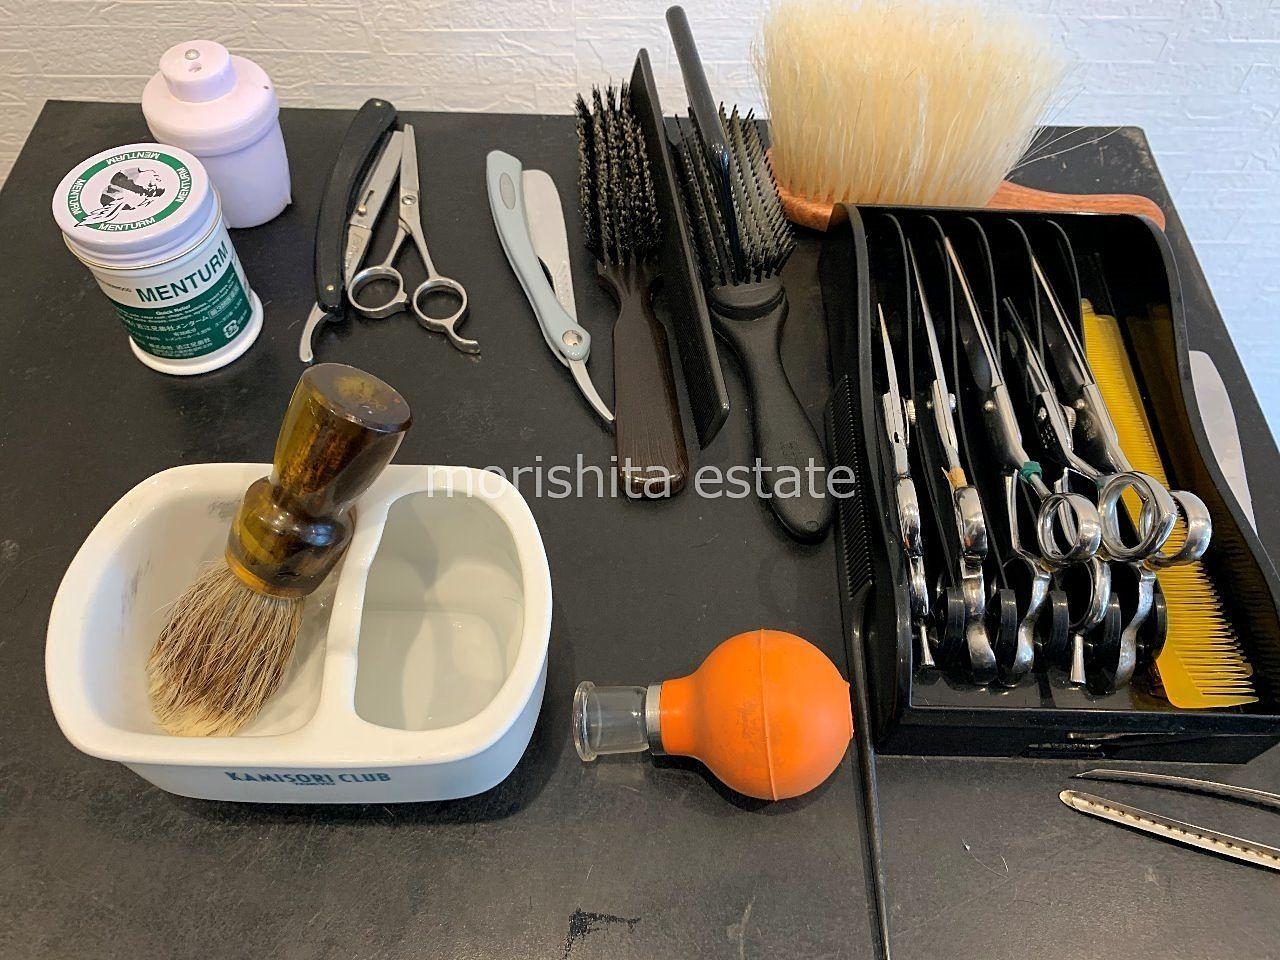 菊川 理容室 カット1ウチダ 散髪 顔剃り 道具 写真